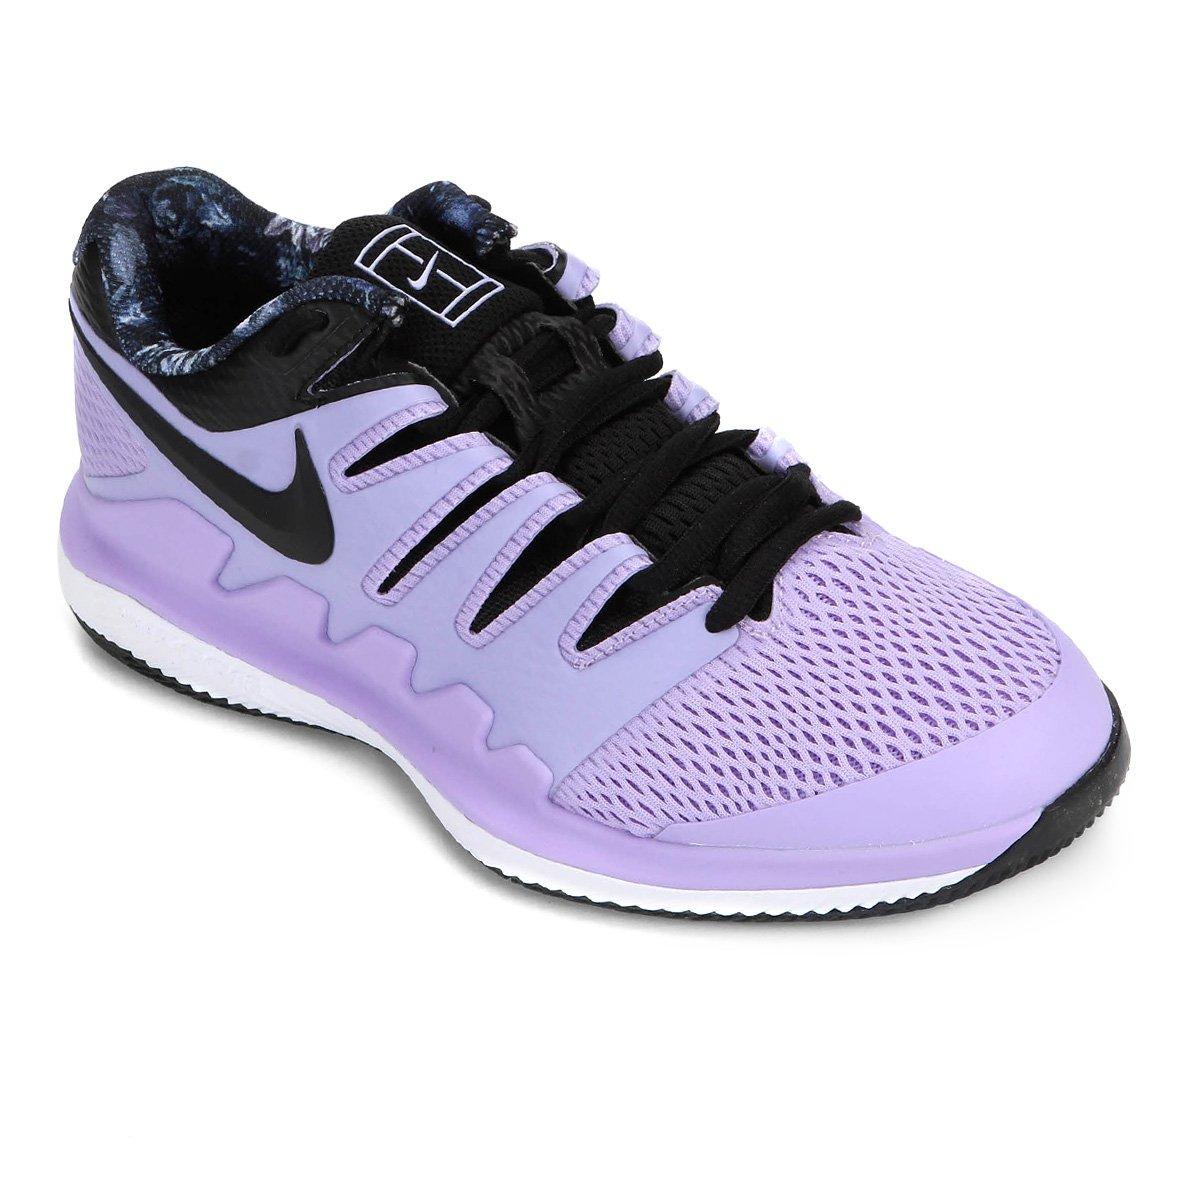 Tênis Nike Air Zoom Vapor X Feminino Roxo E Preto